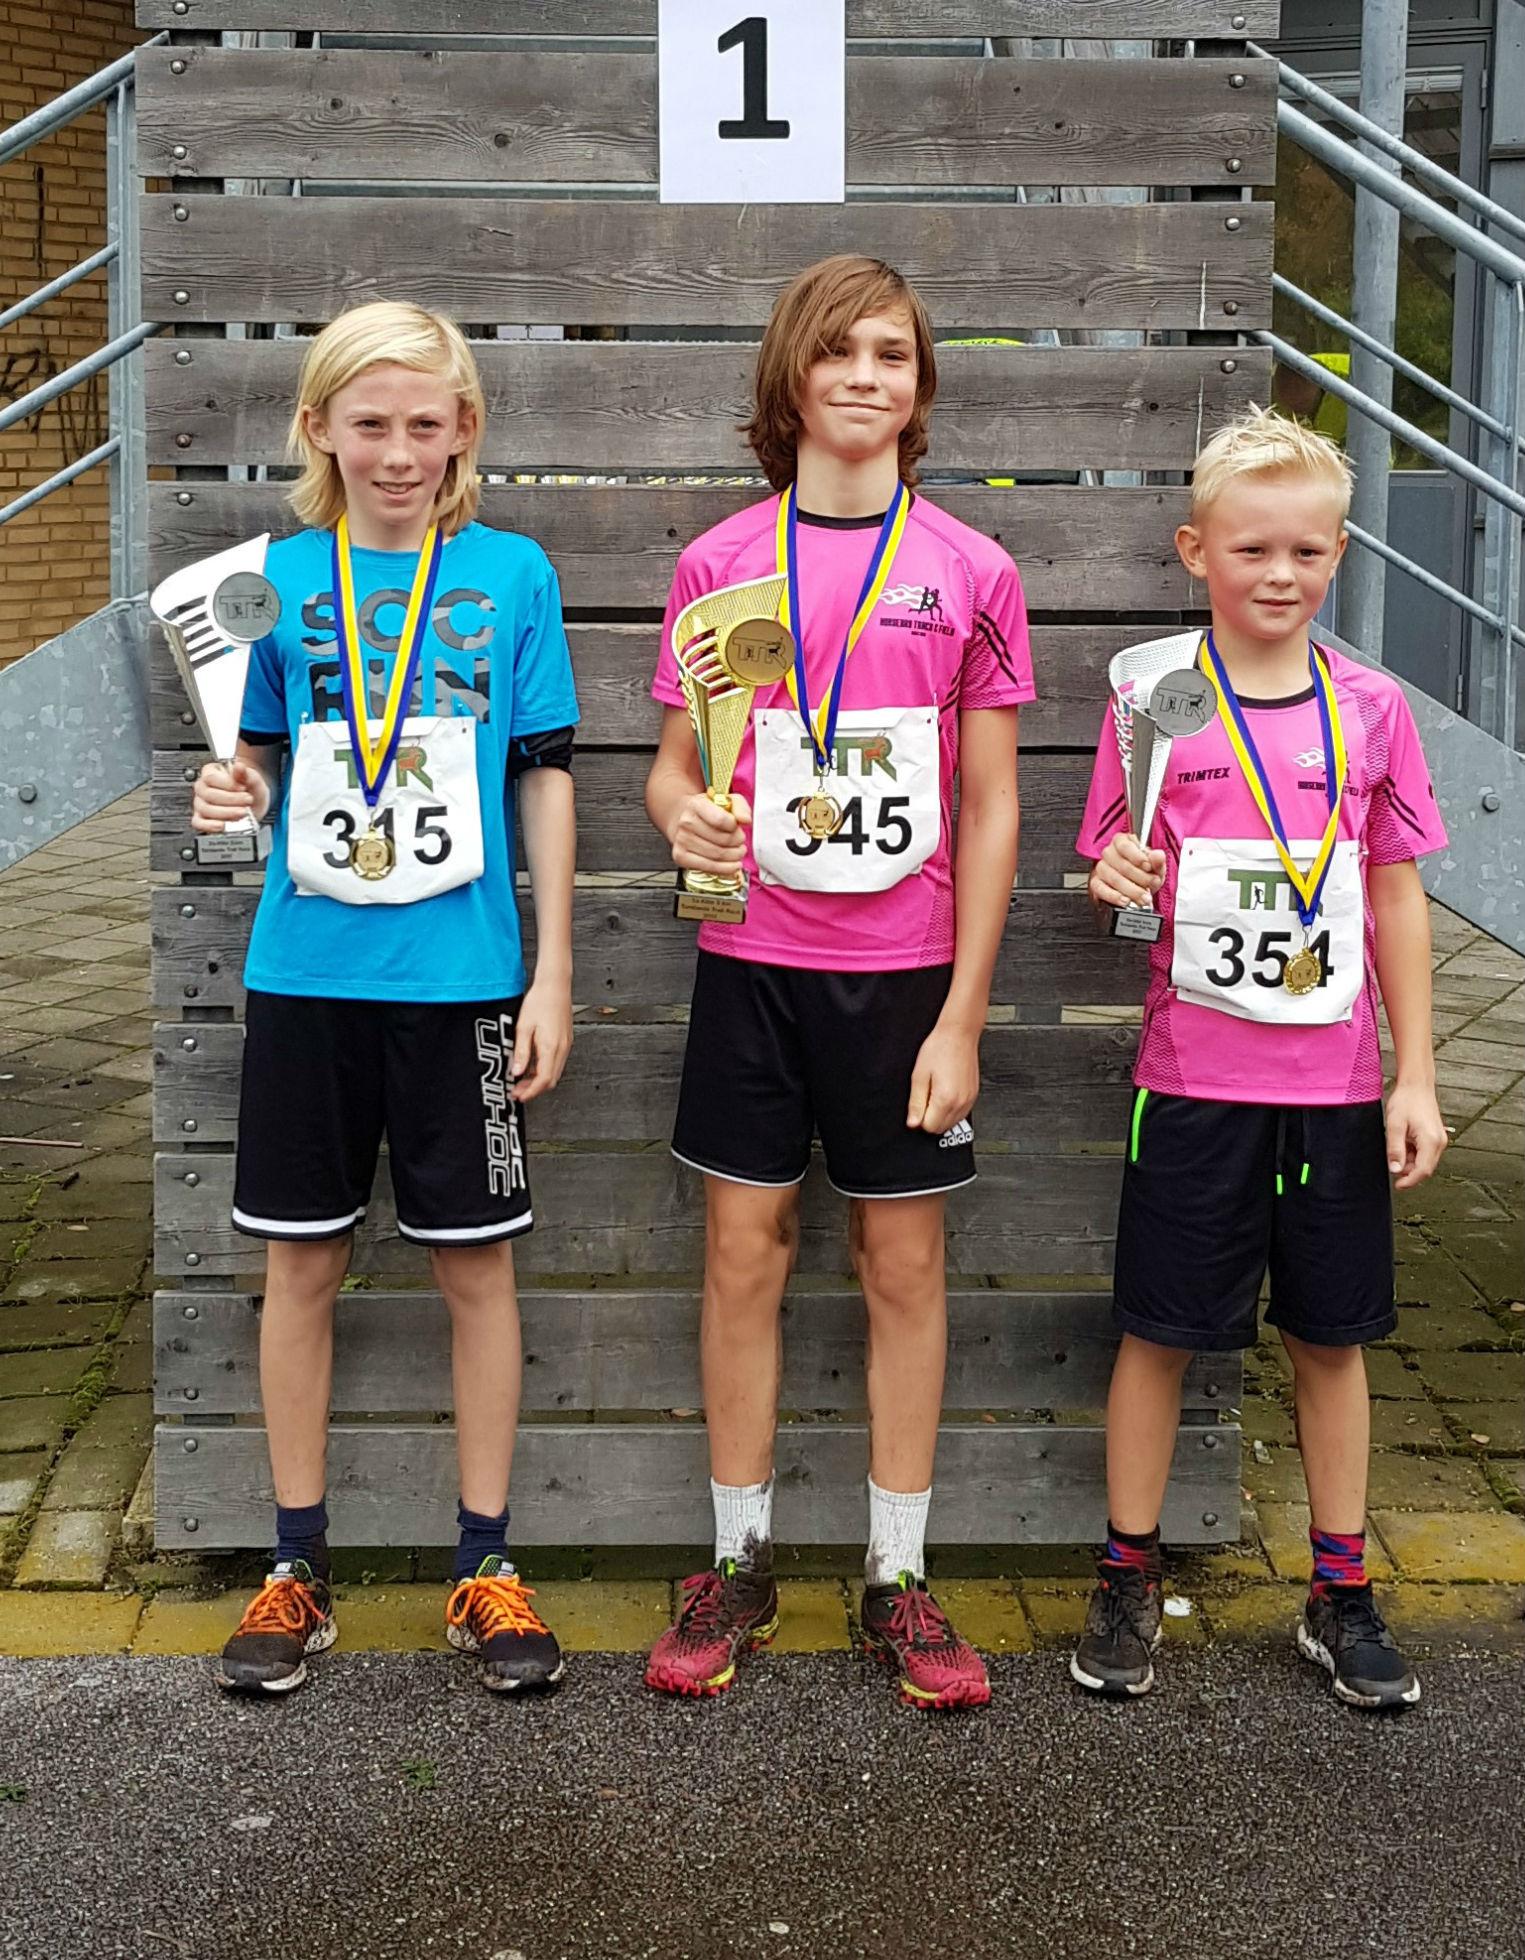 5km Pojkar: 1:a Lukas Jakobsson, 2:a Gustav Wennergern, 3:a Joel Stjärnvy